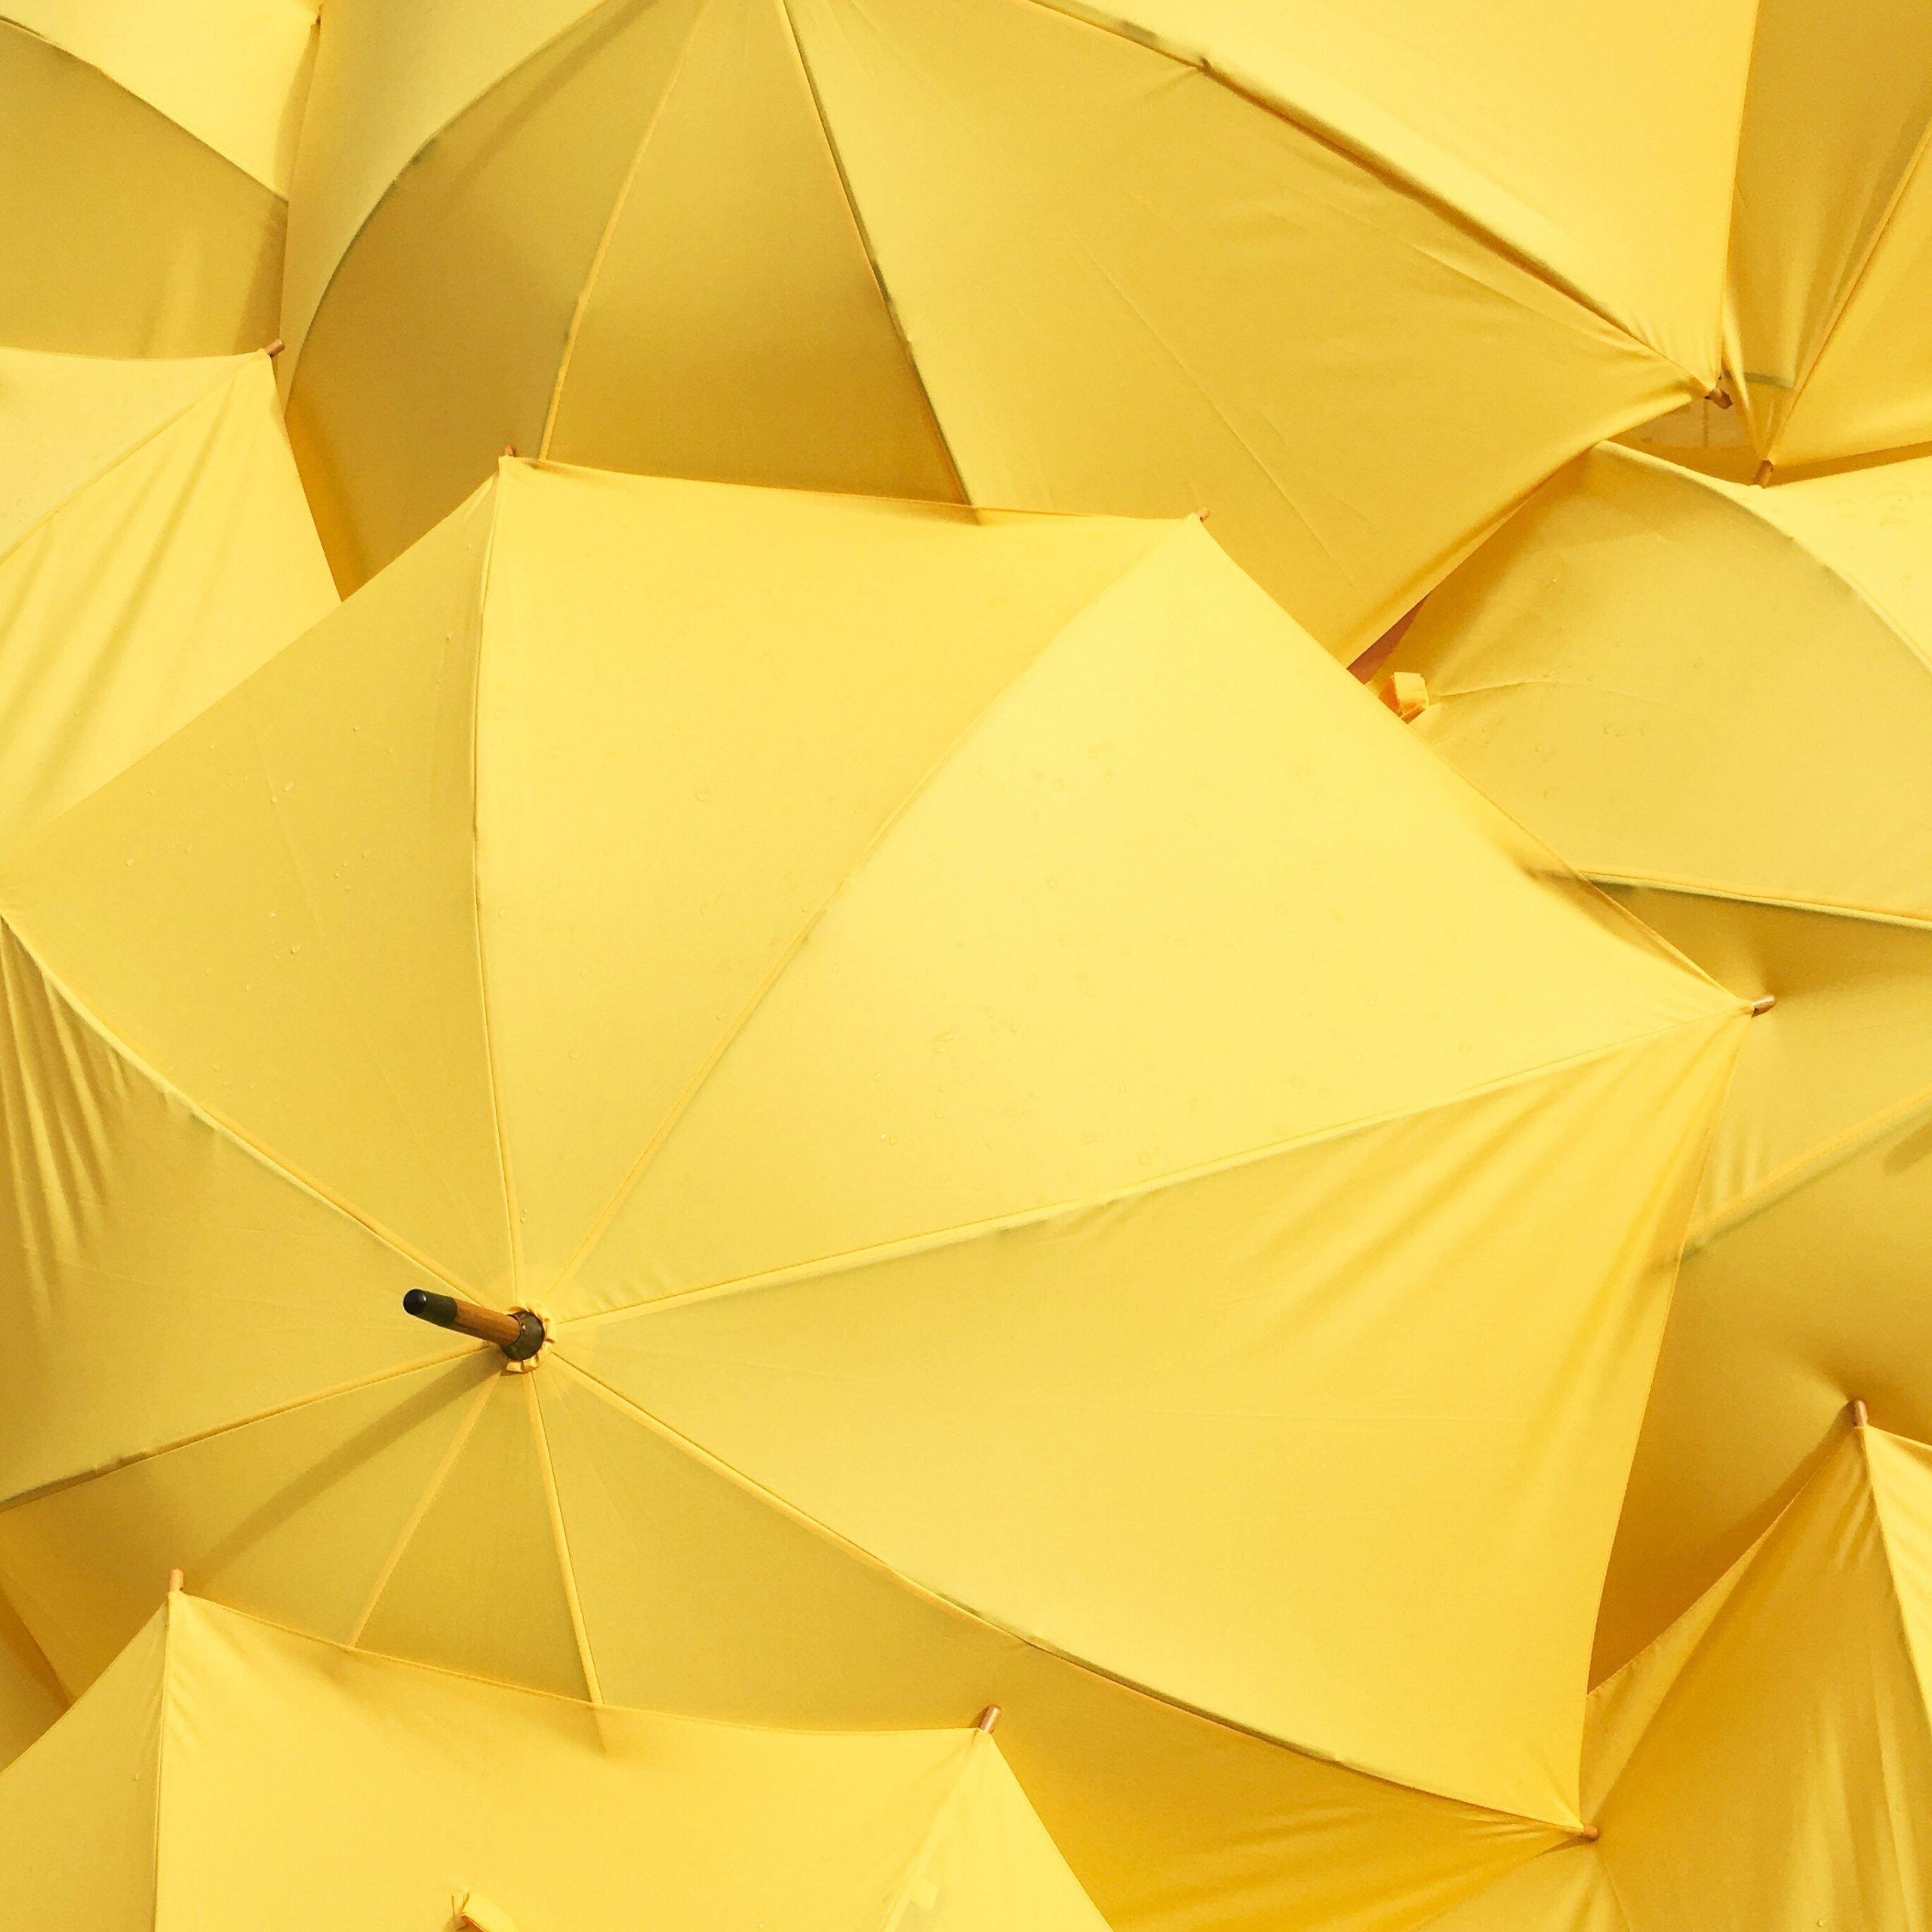 yellow-umbrellas